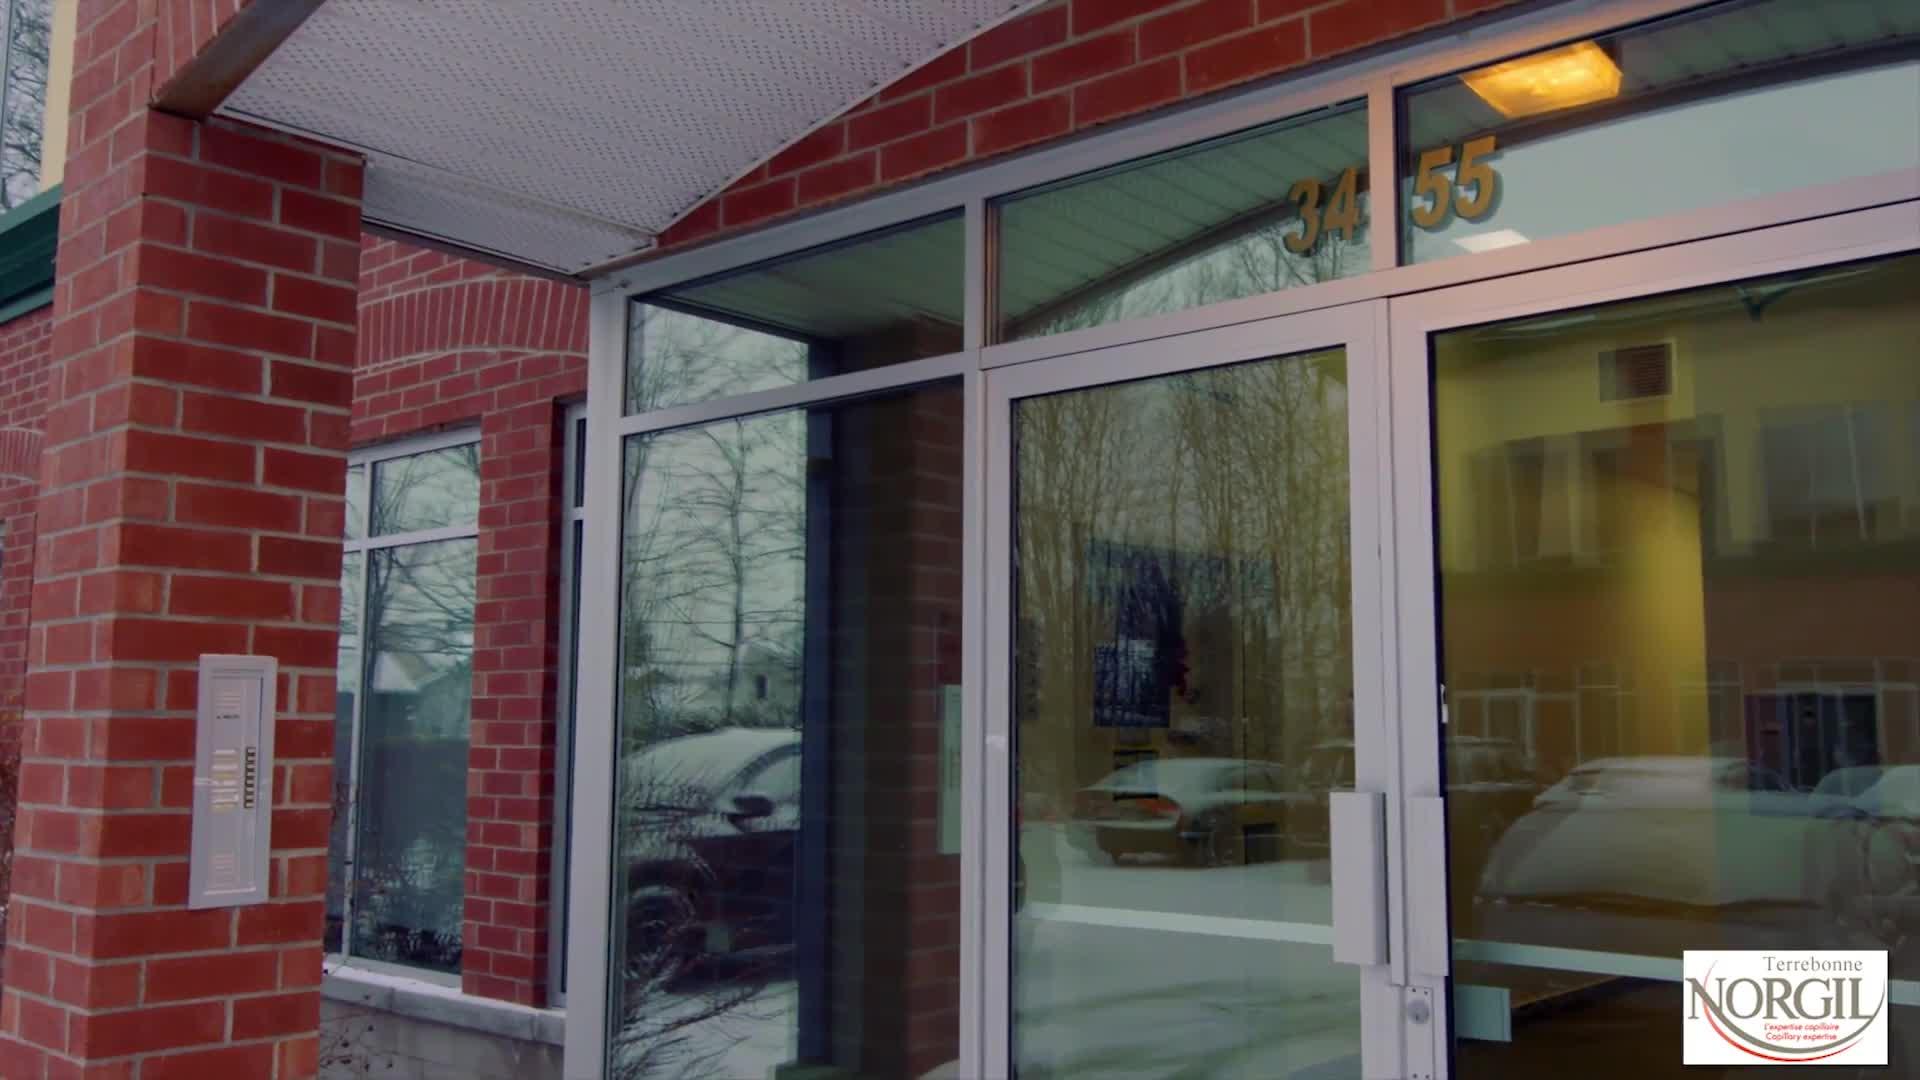 Centre D'Expertise Capillaire Norgil Terrebonne - Produits et traitements du cuir chevelu - 450-824-3007